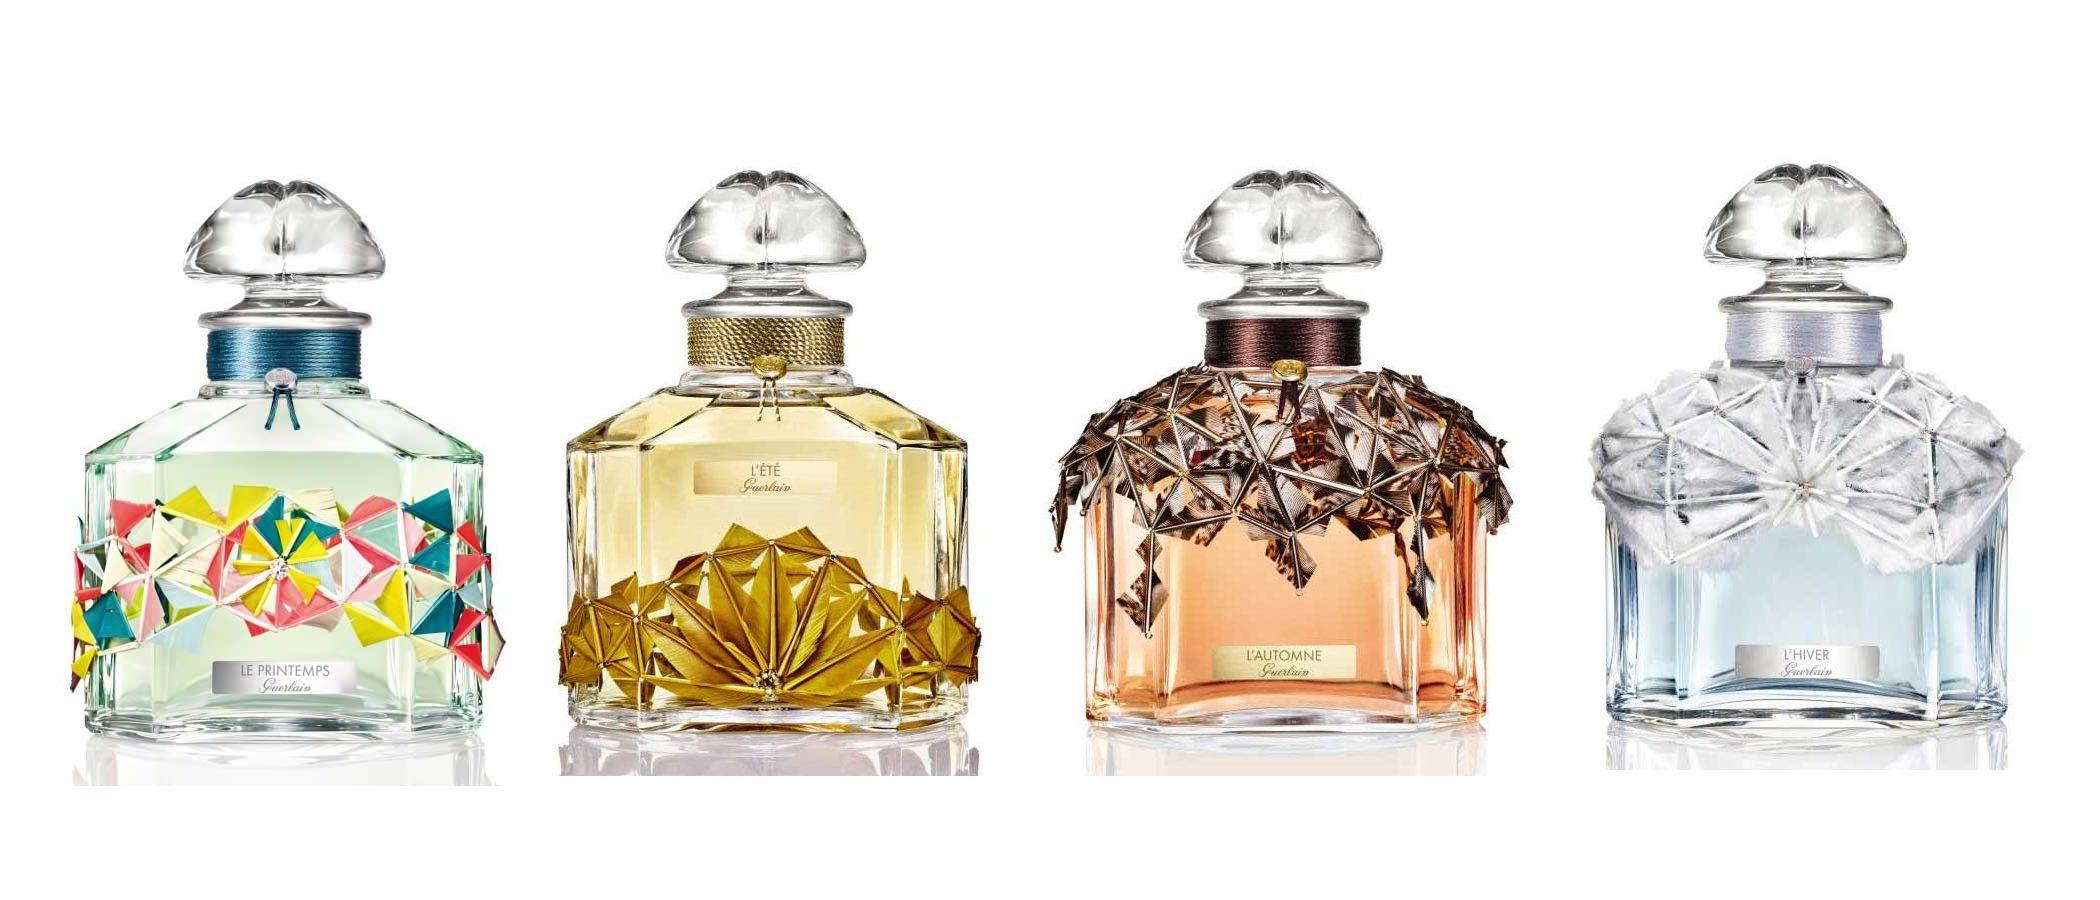 Guerlain inspira fantasía con su colección de fragancias pensada para todas las estaciones